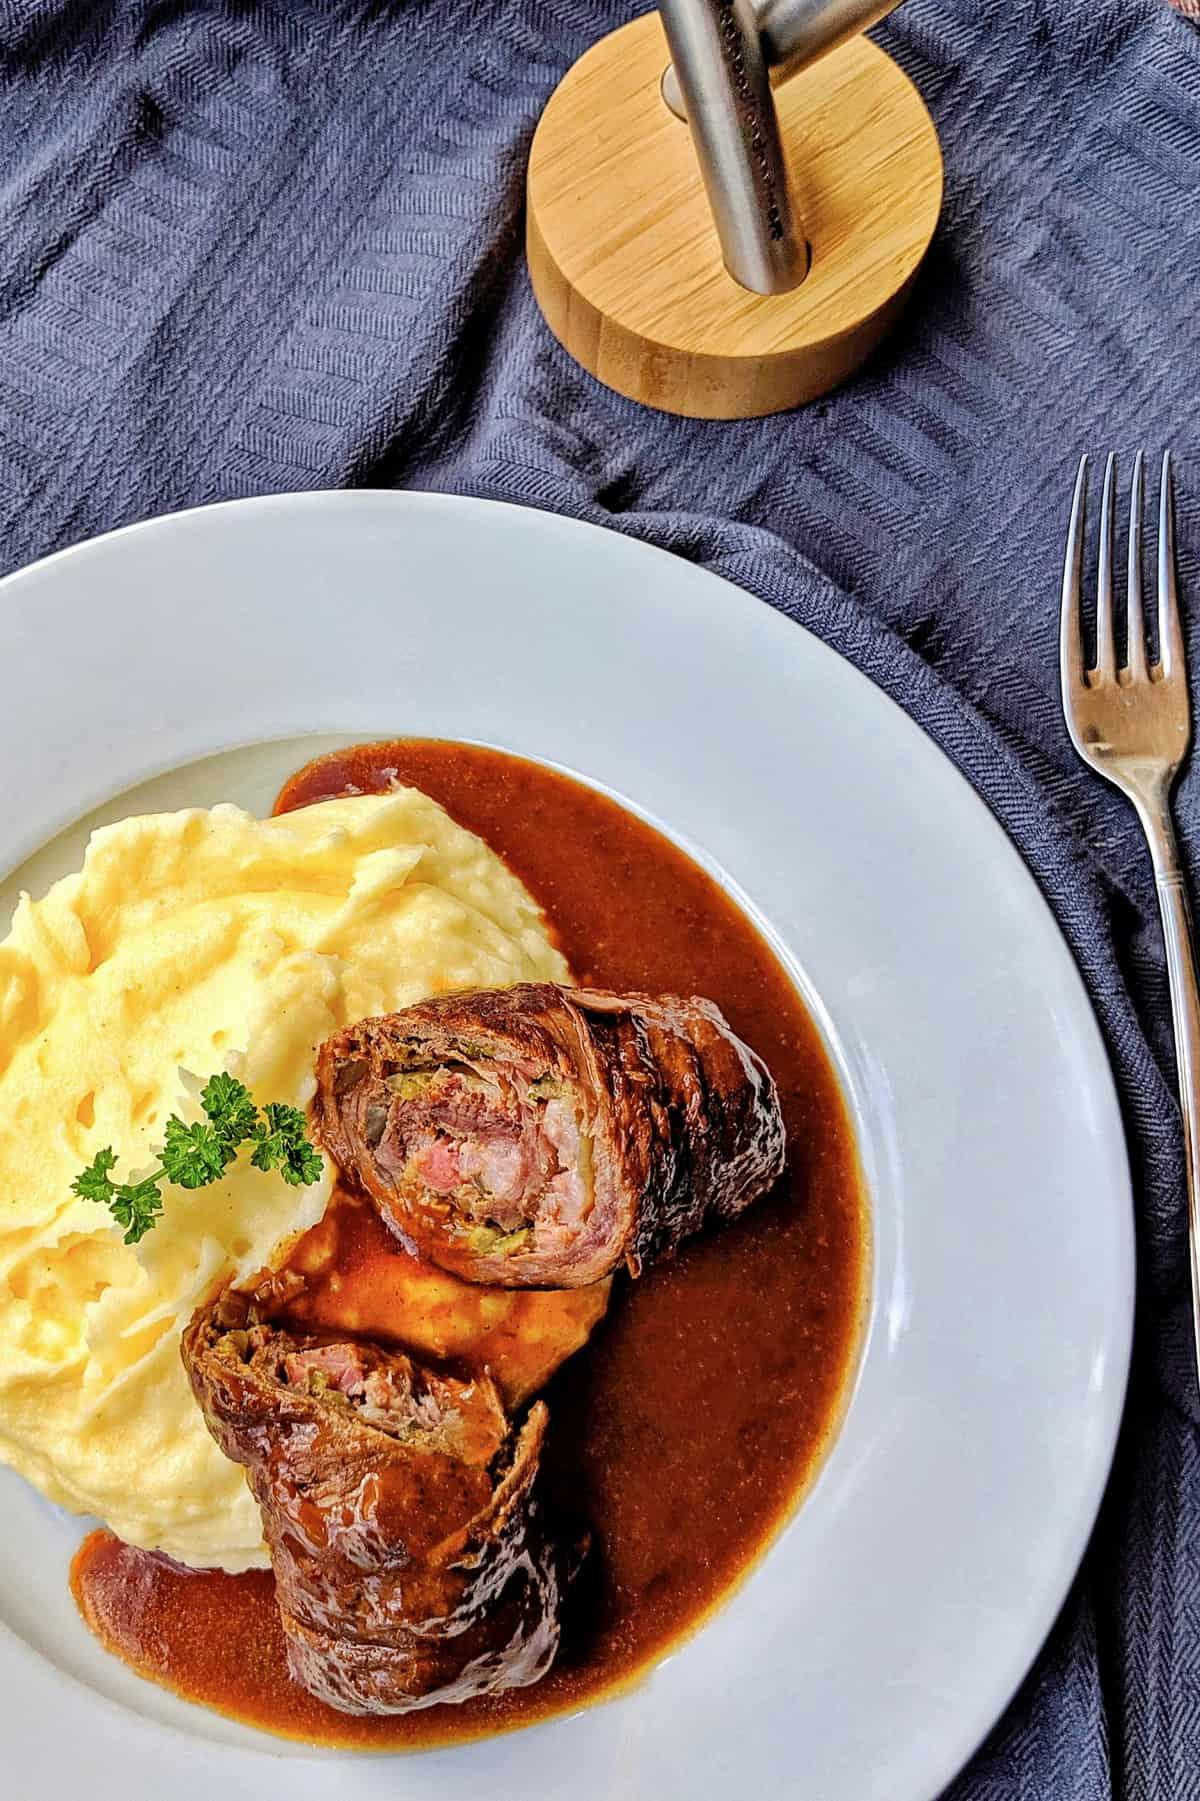 Ein weisser Teller mit einer aufgeschnittenen Roulade, Soße und Kartoffelpüree.